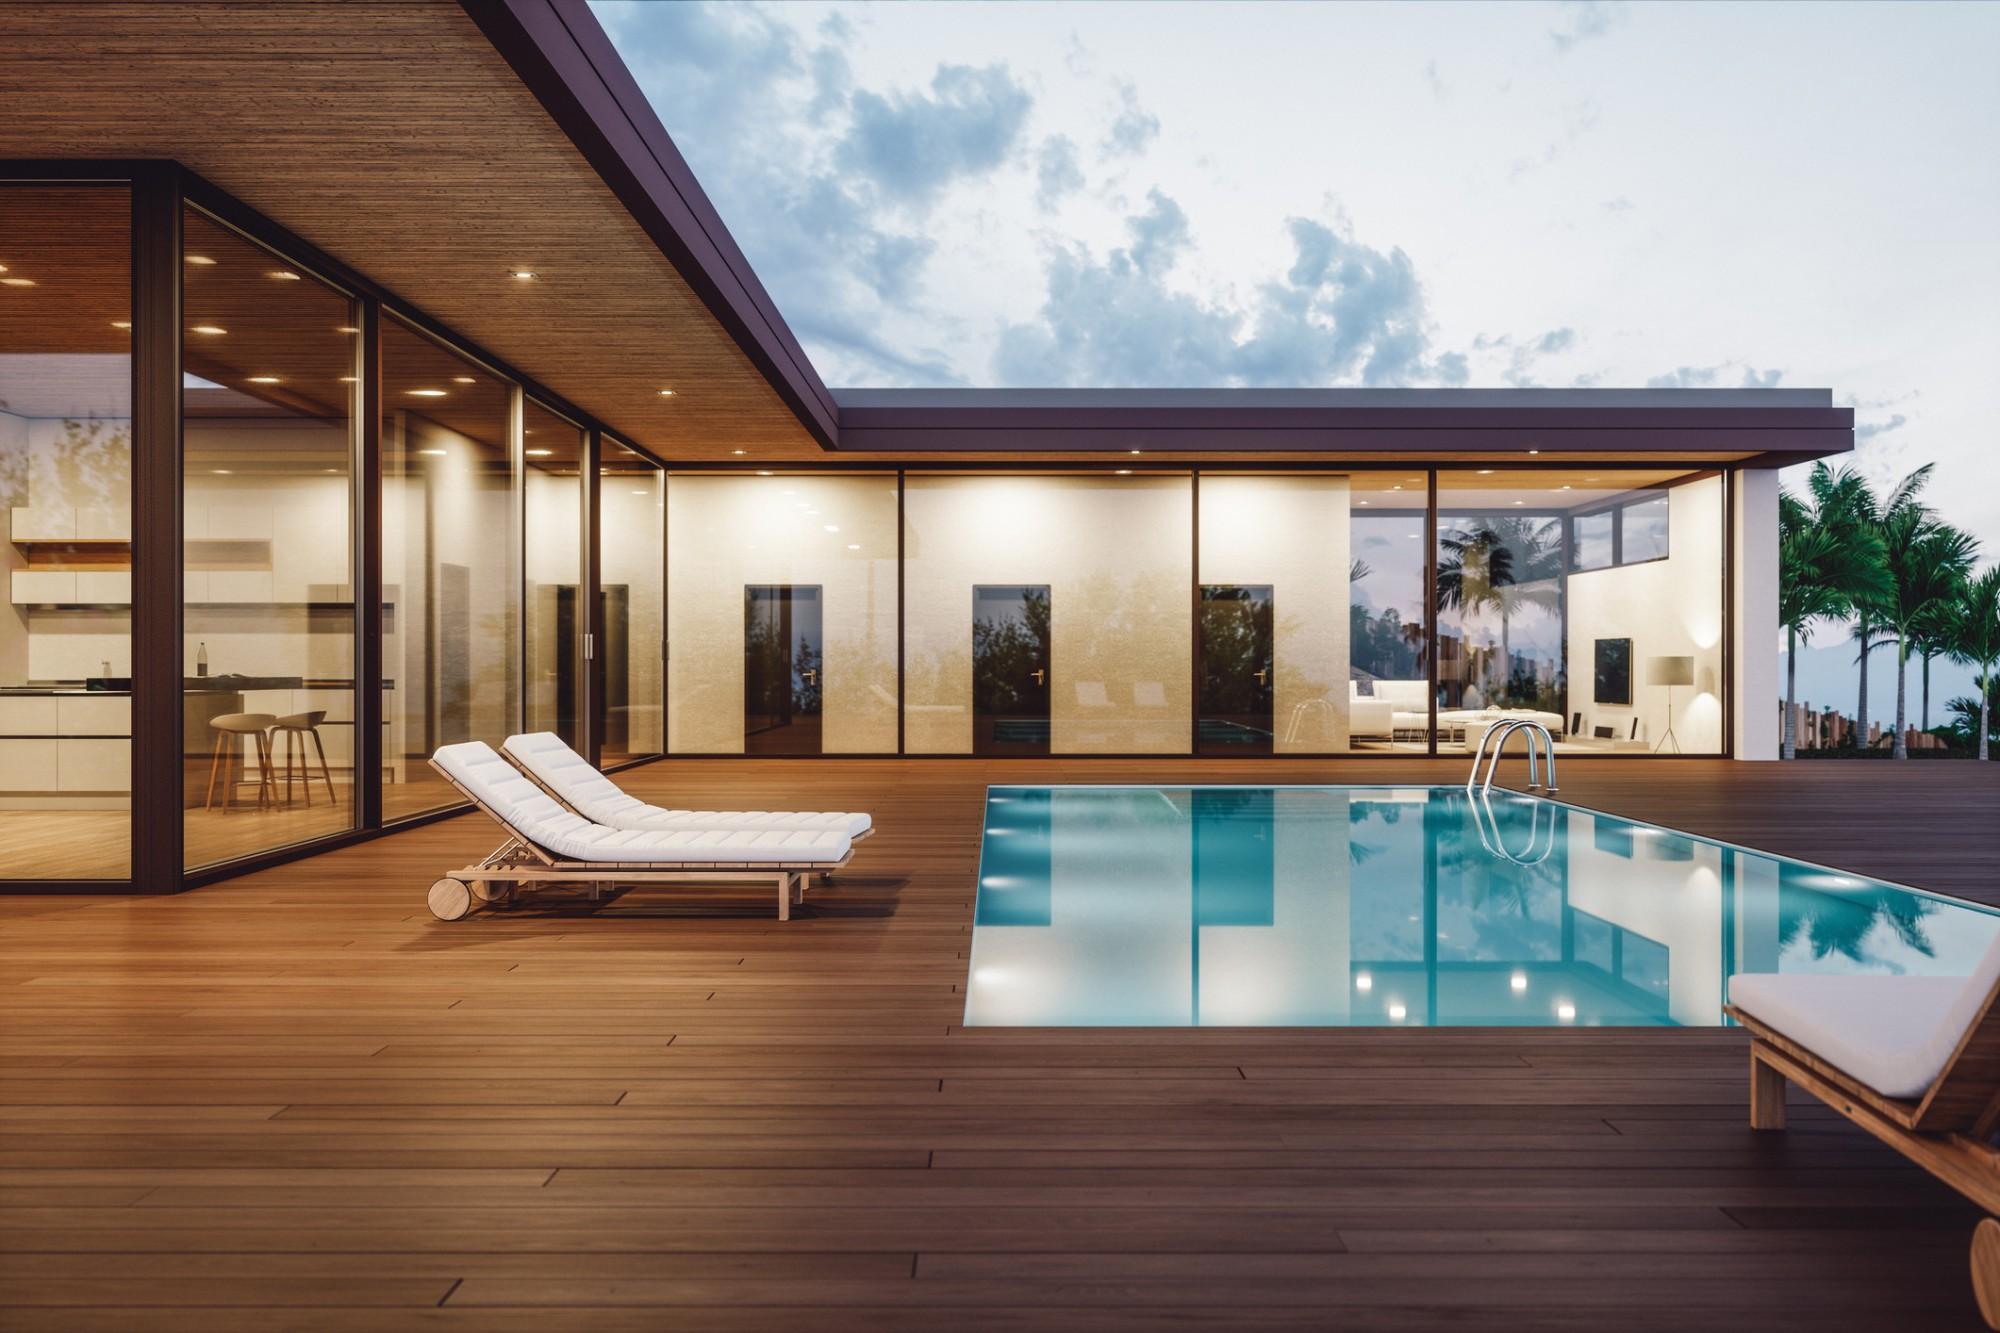 imagem 3d de uma casa com piscina